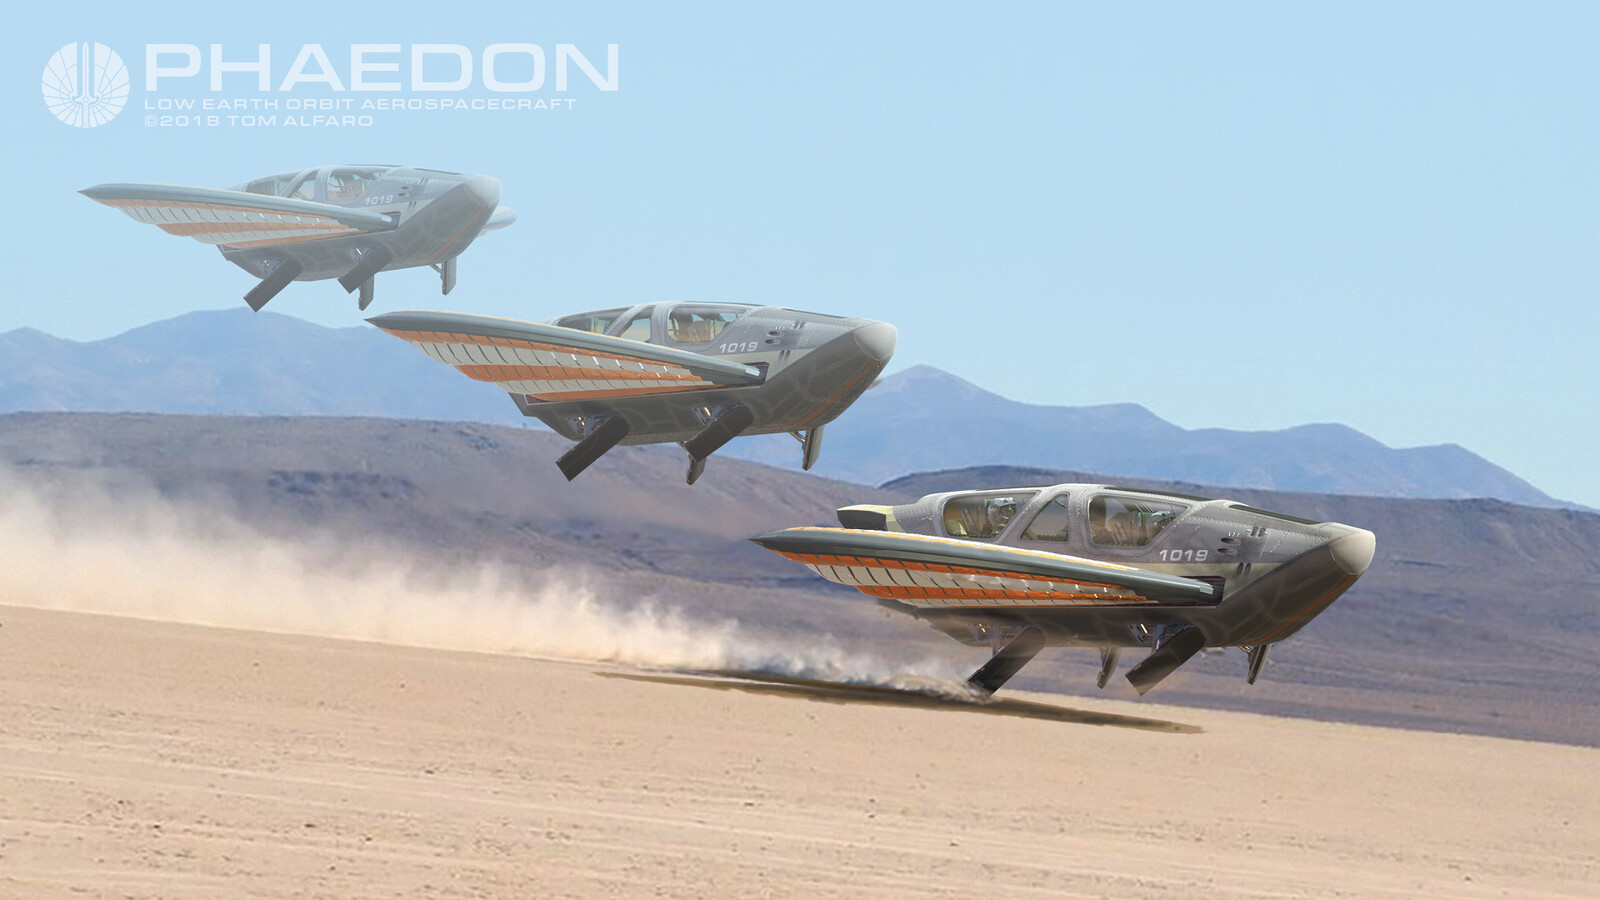 Desert emergency landing